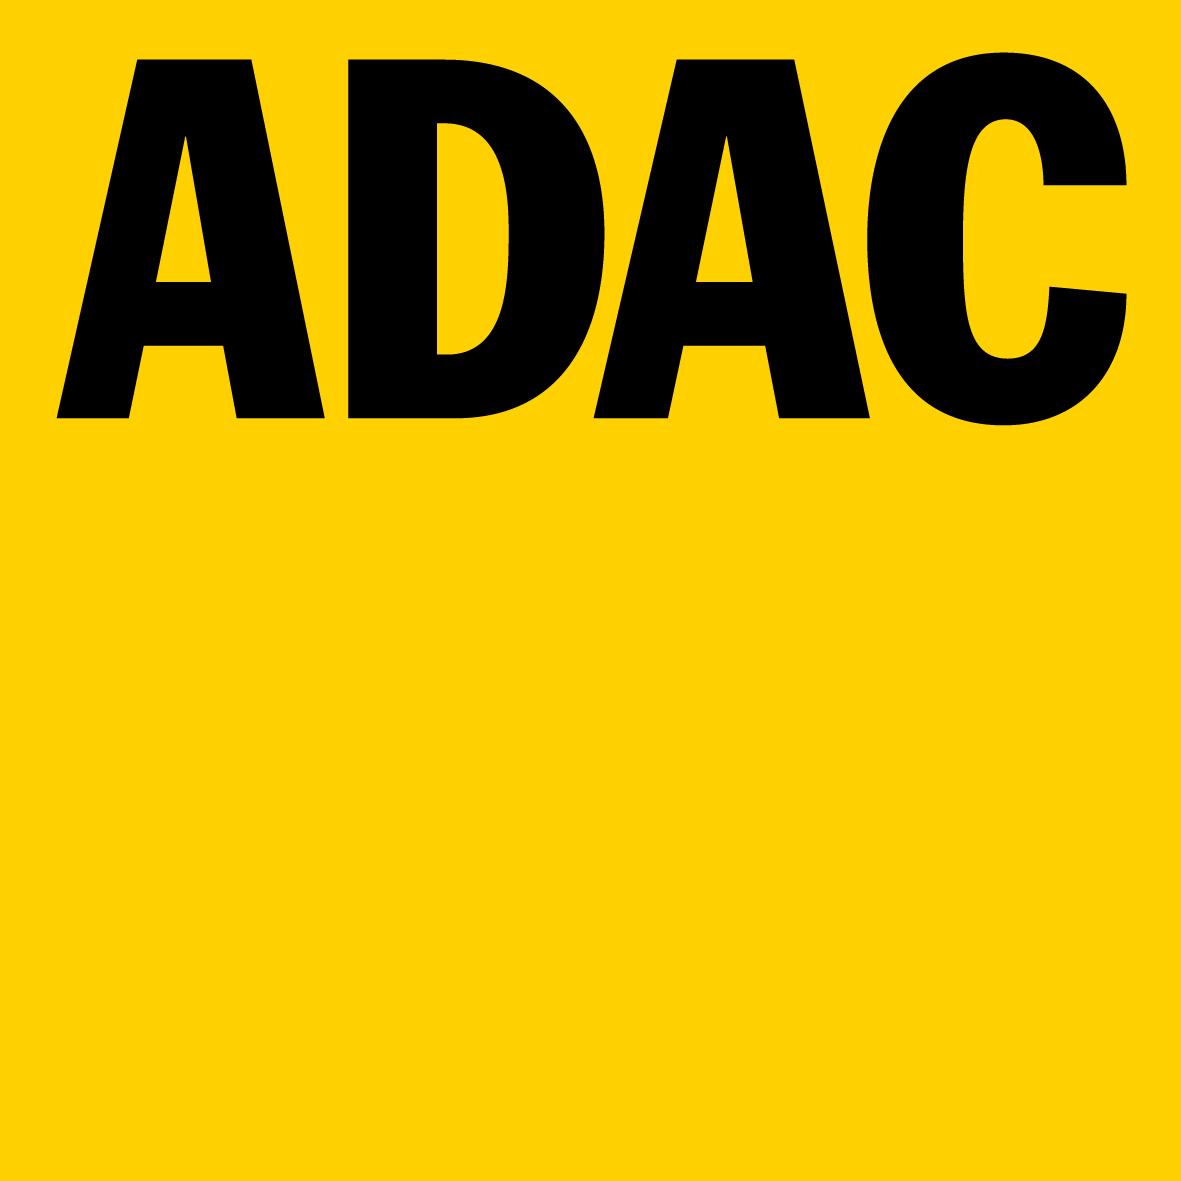 ADAC Geschäftsstelle & Reisebüro Frankfurt am Main - Messe